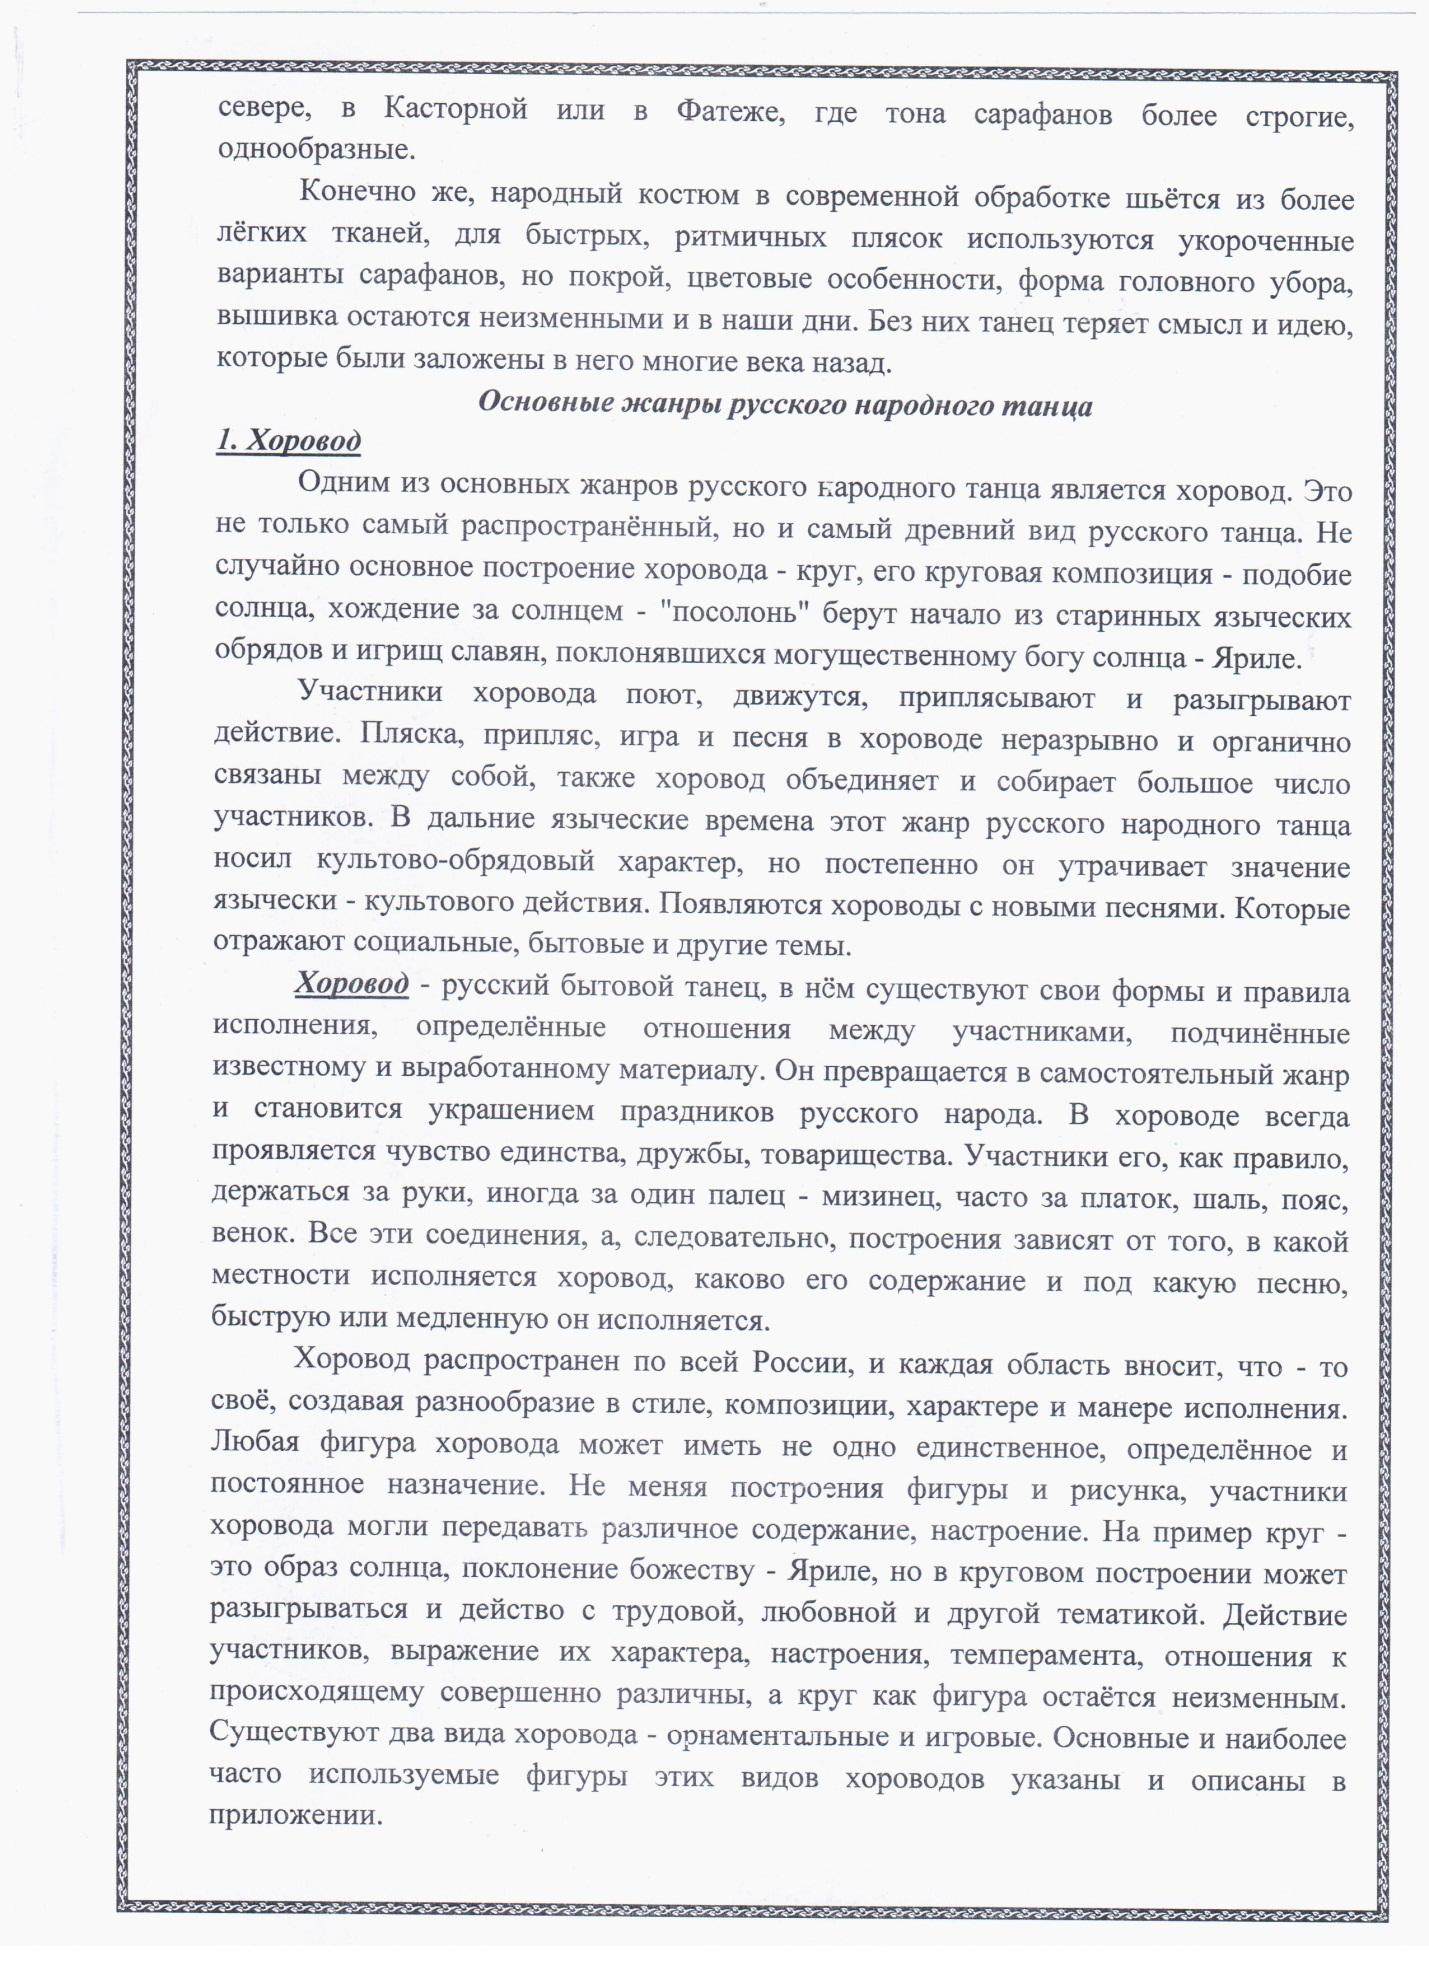 E:\доклад русский танец и еев иды\6.jpeg